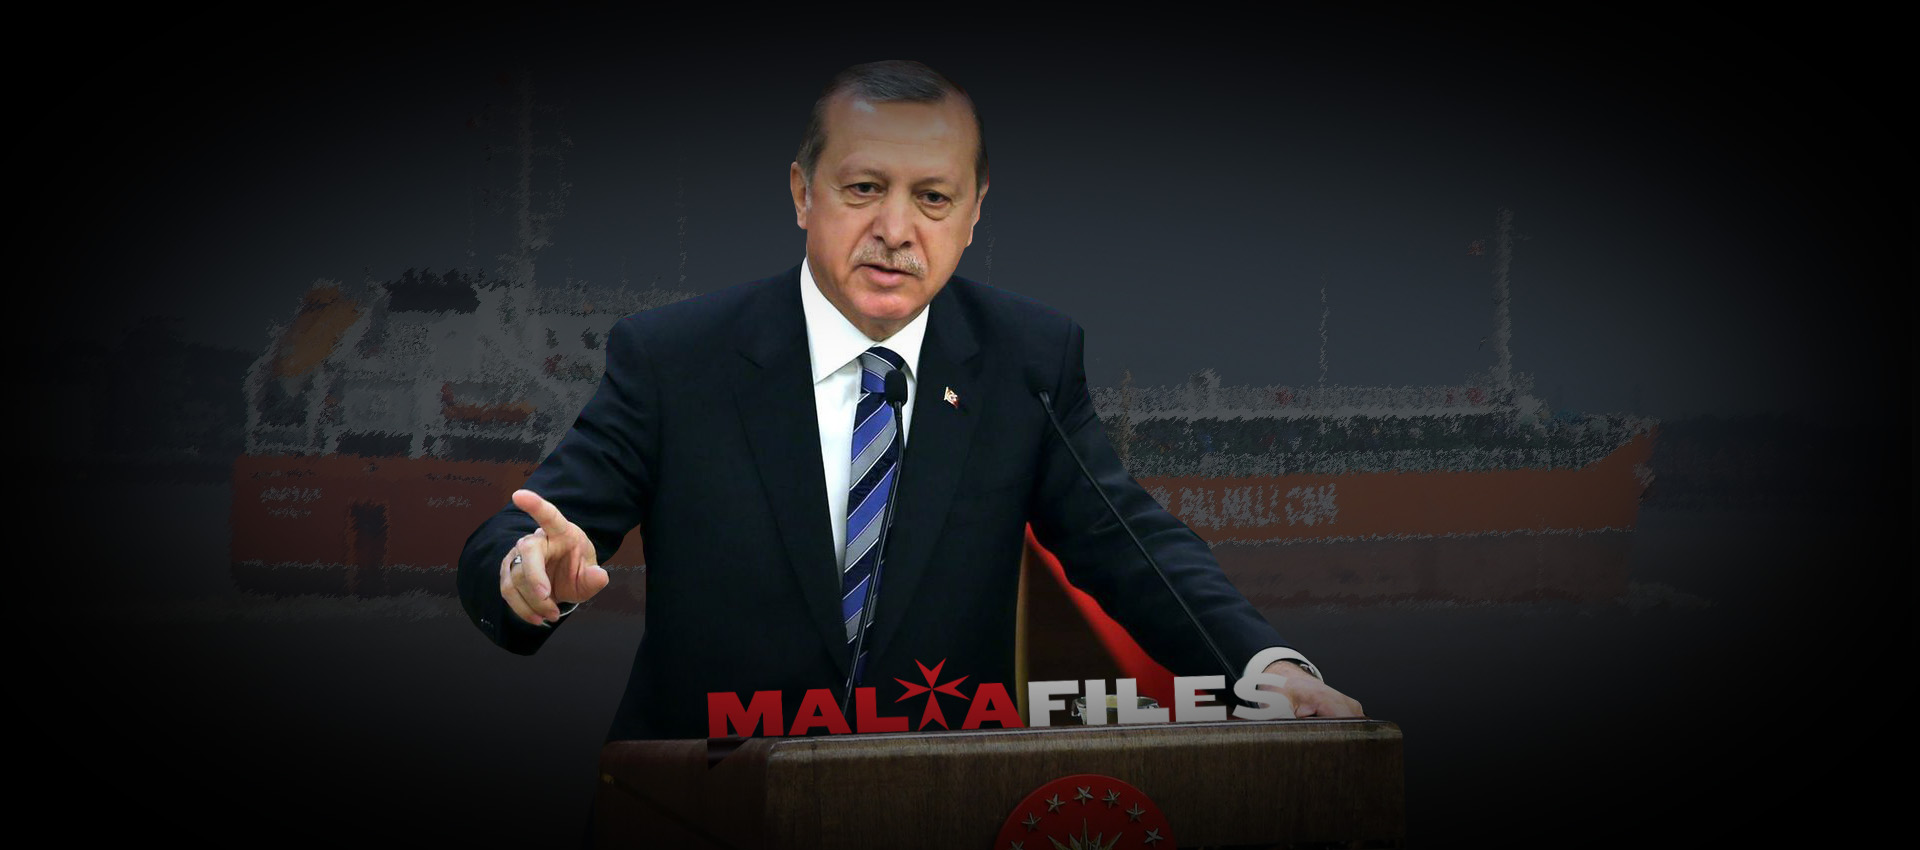 Kako je obitelj turskog predsjednika Erdoğana kupila brod preko tajnog offshore računa